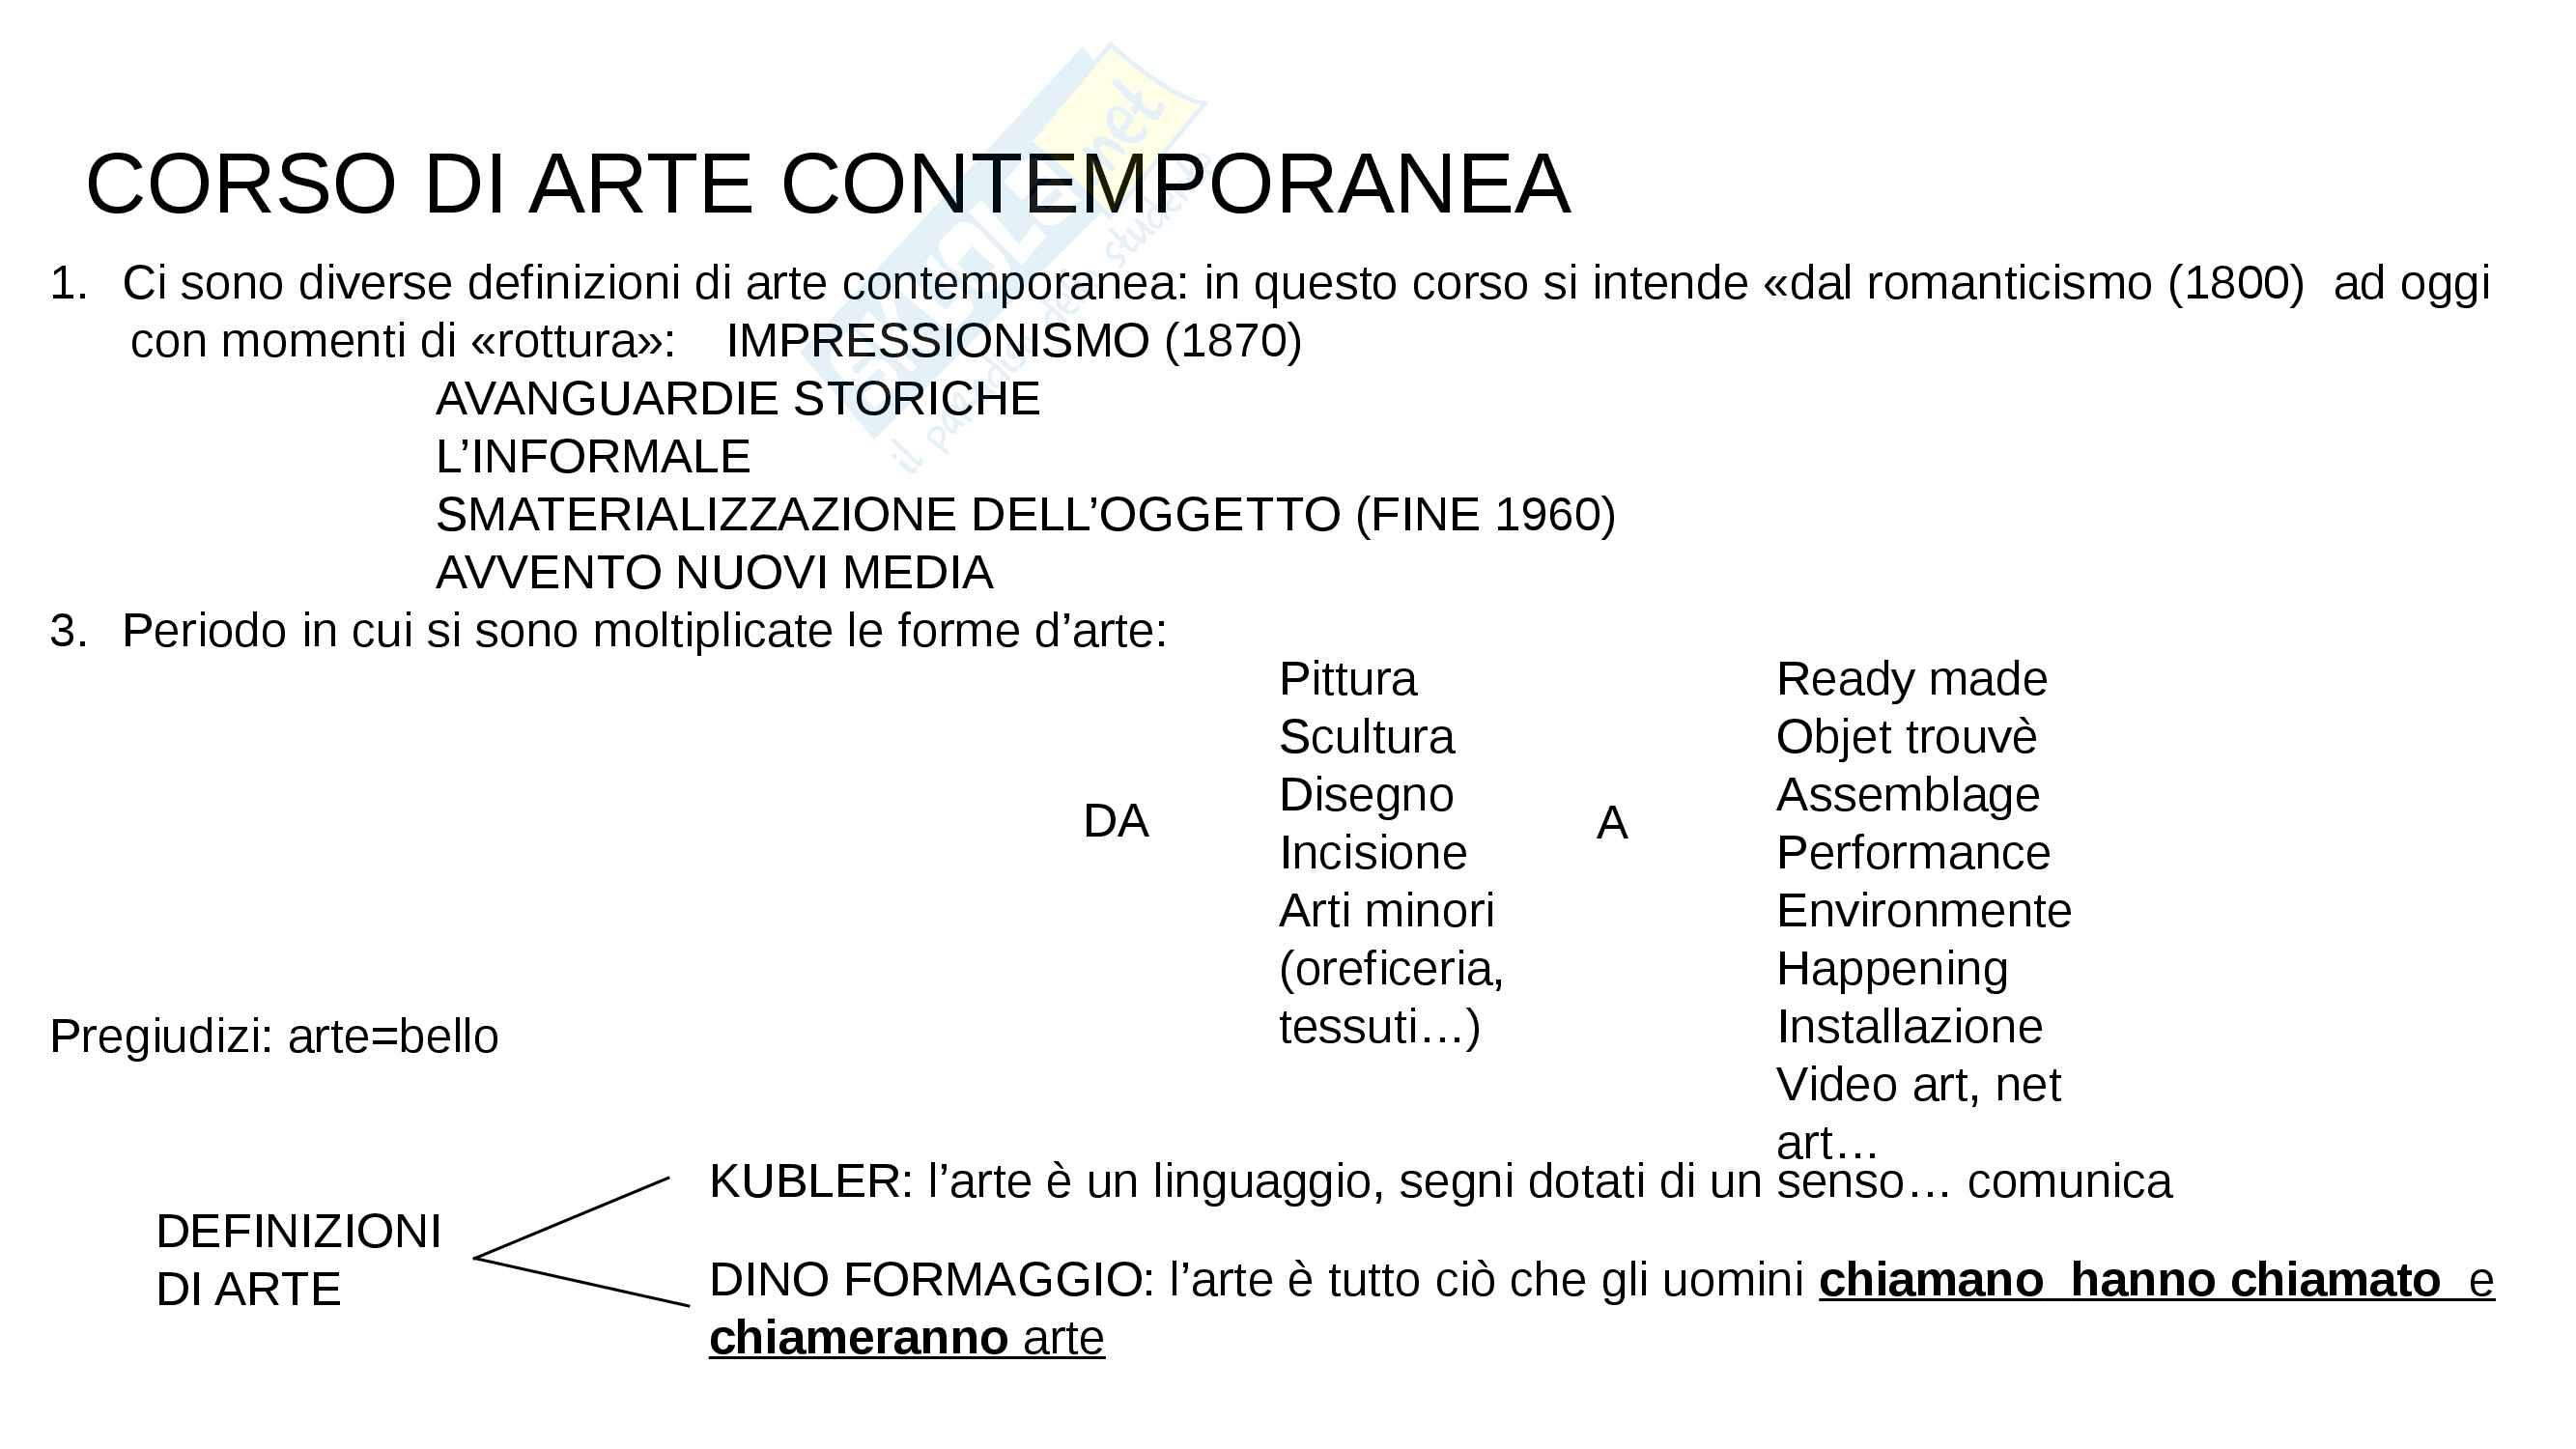 1 Arte contemporanea: il romanticismo